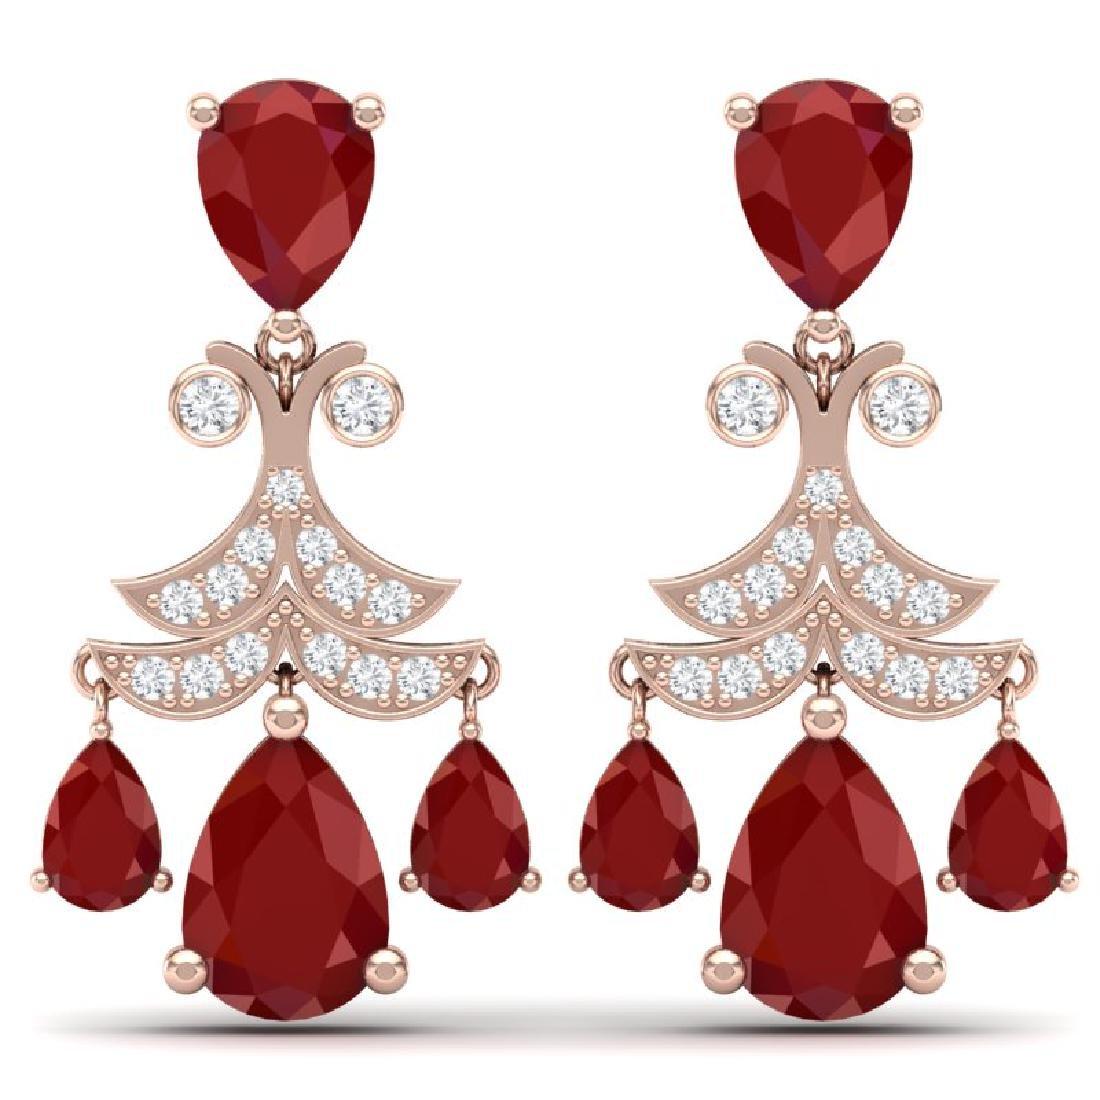 11.97 CTW Royalty Designer Ruby & VS Diamond Earrings